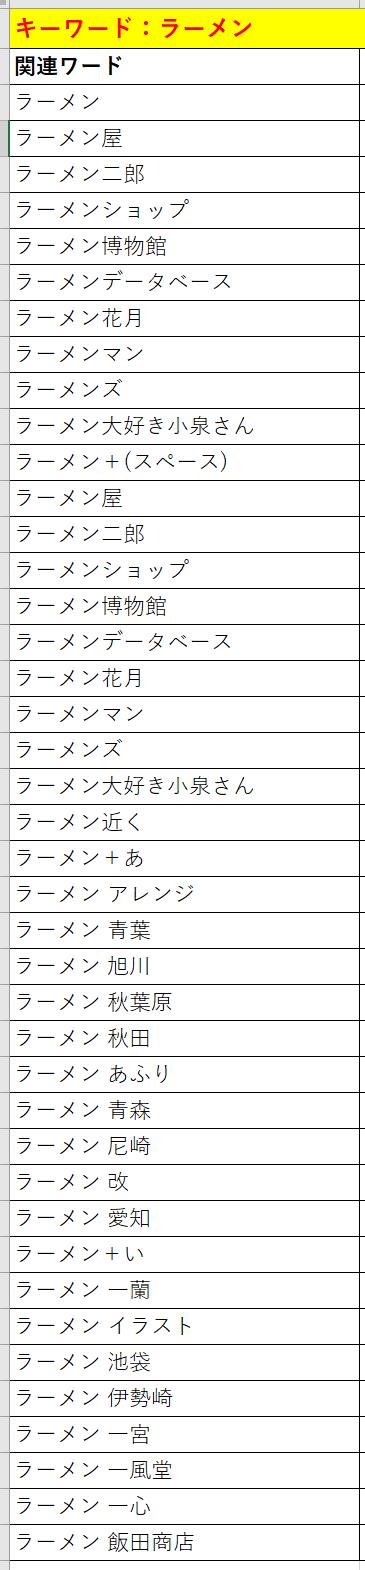 ブログ設計図1